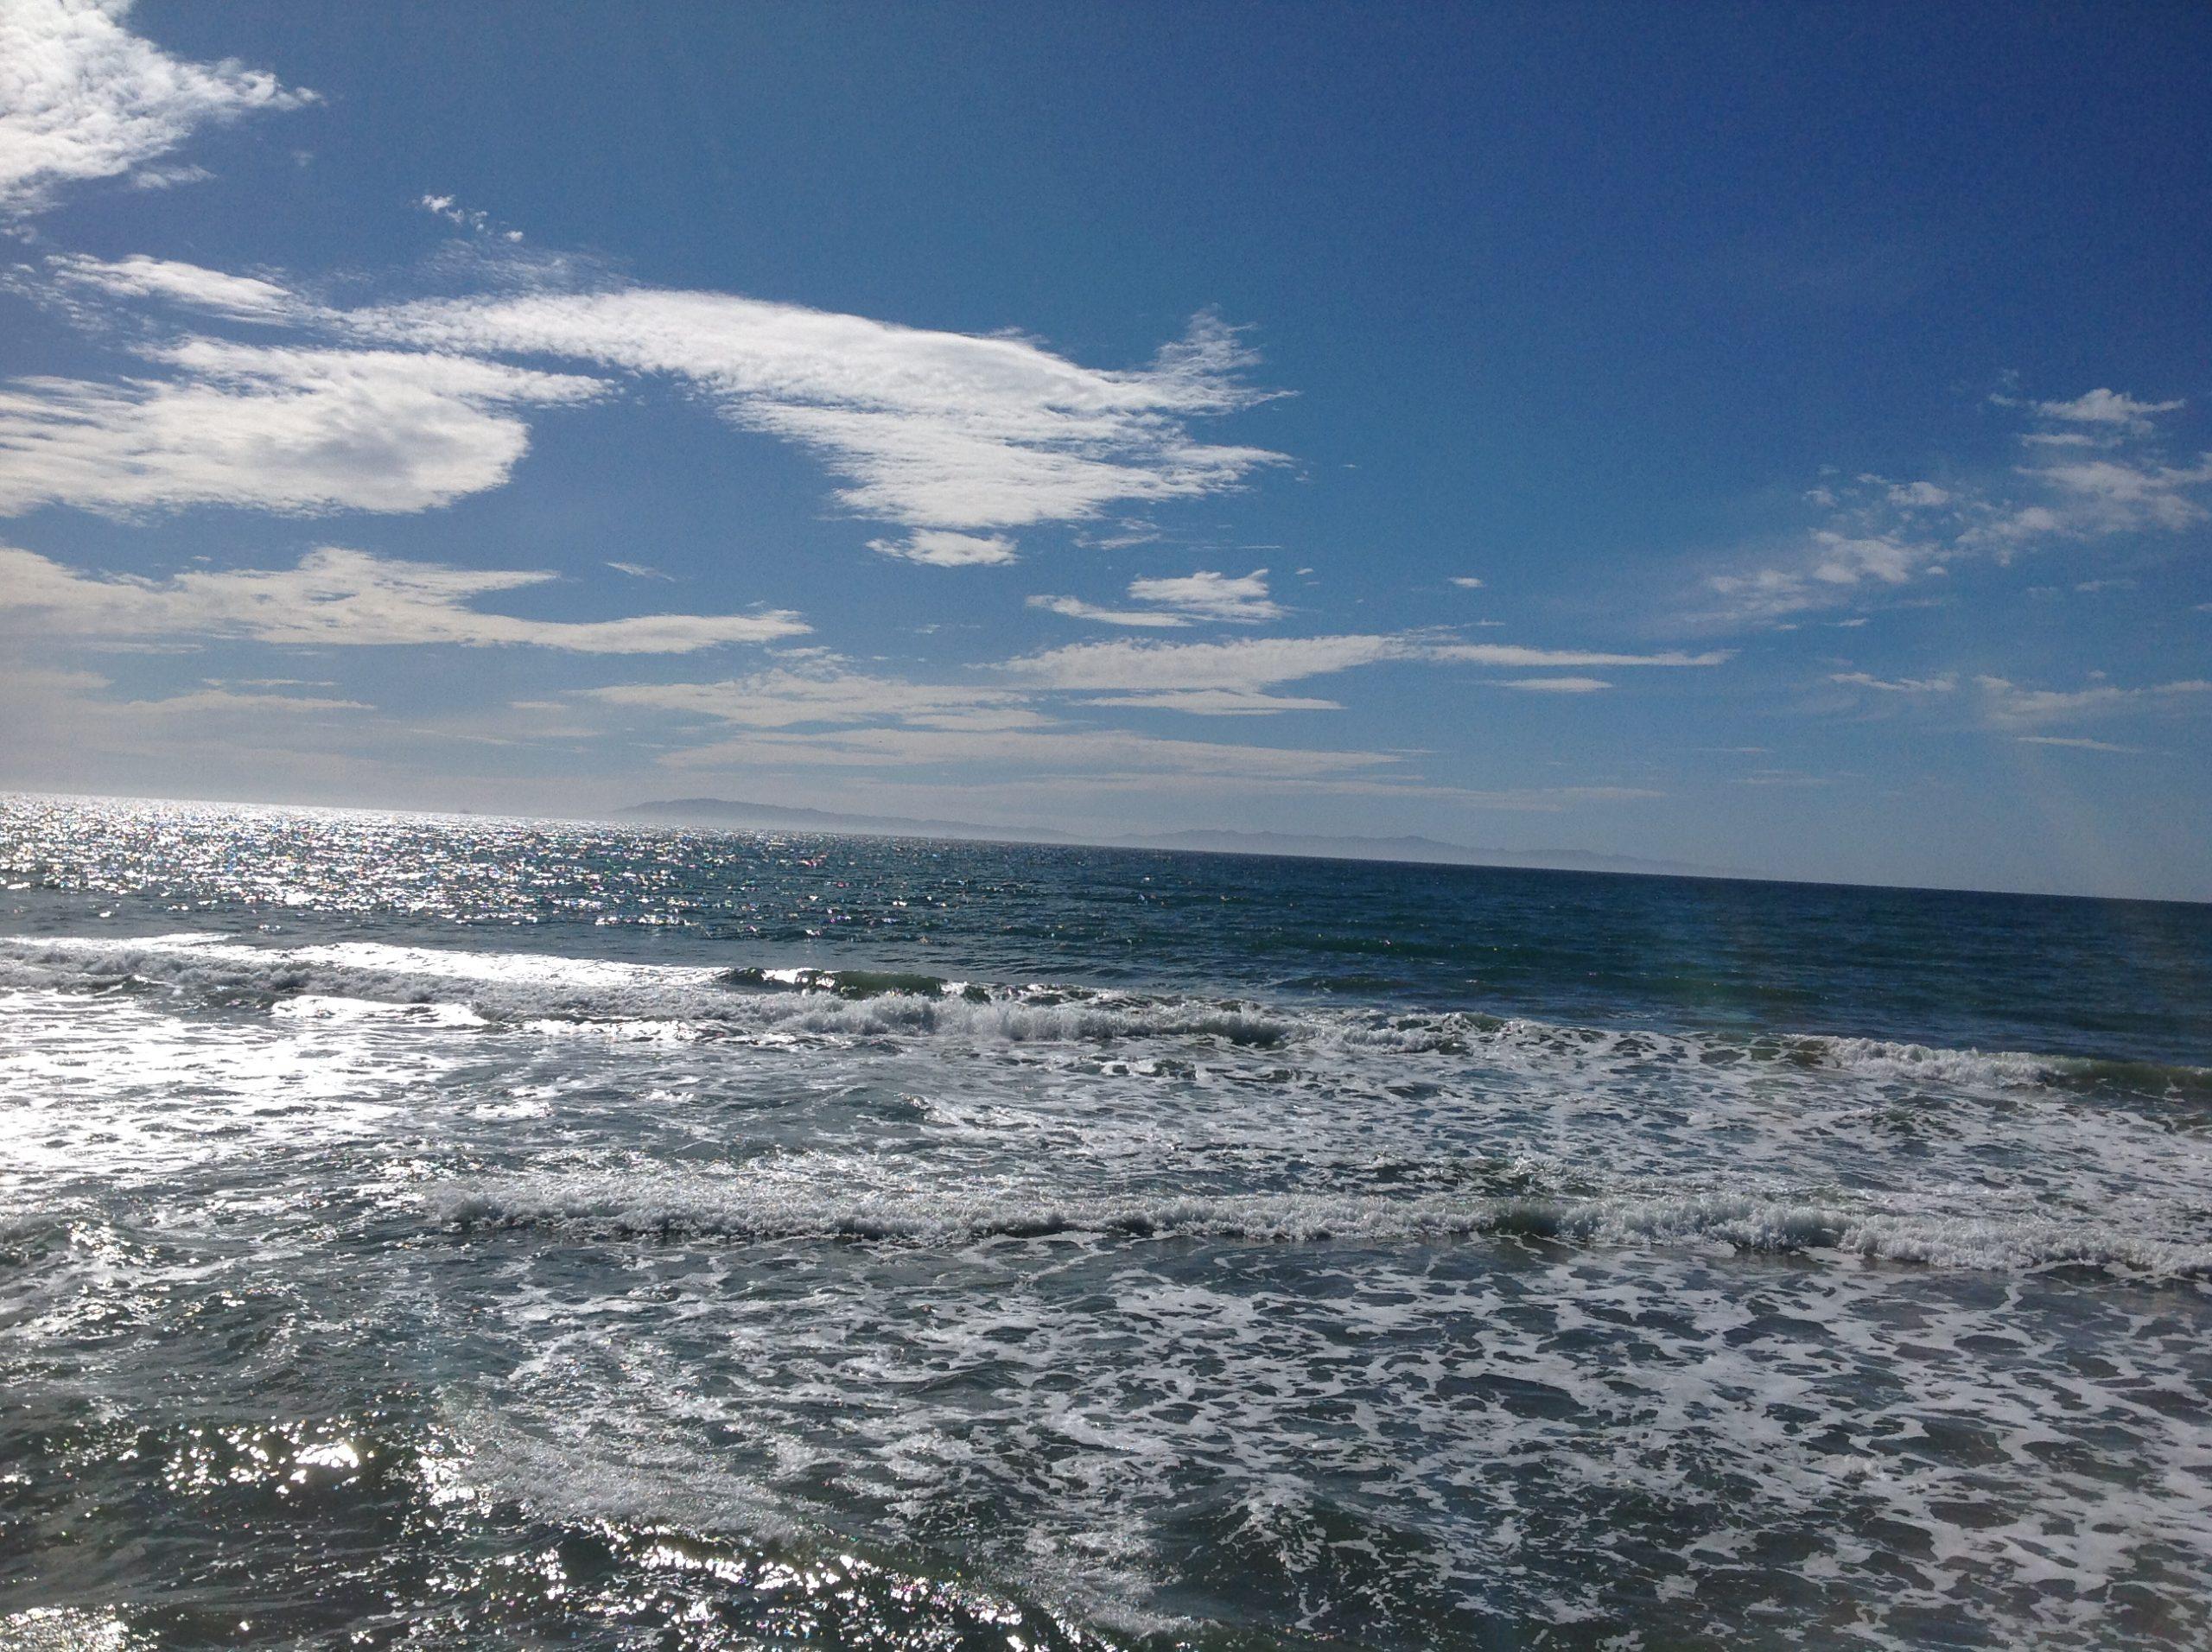 #55 The ocean speaks to me